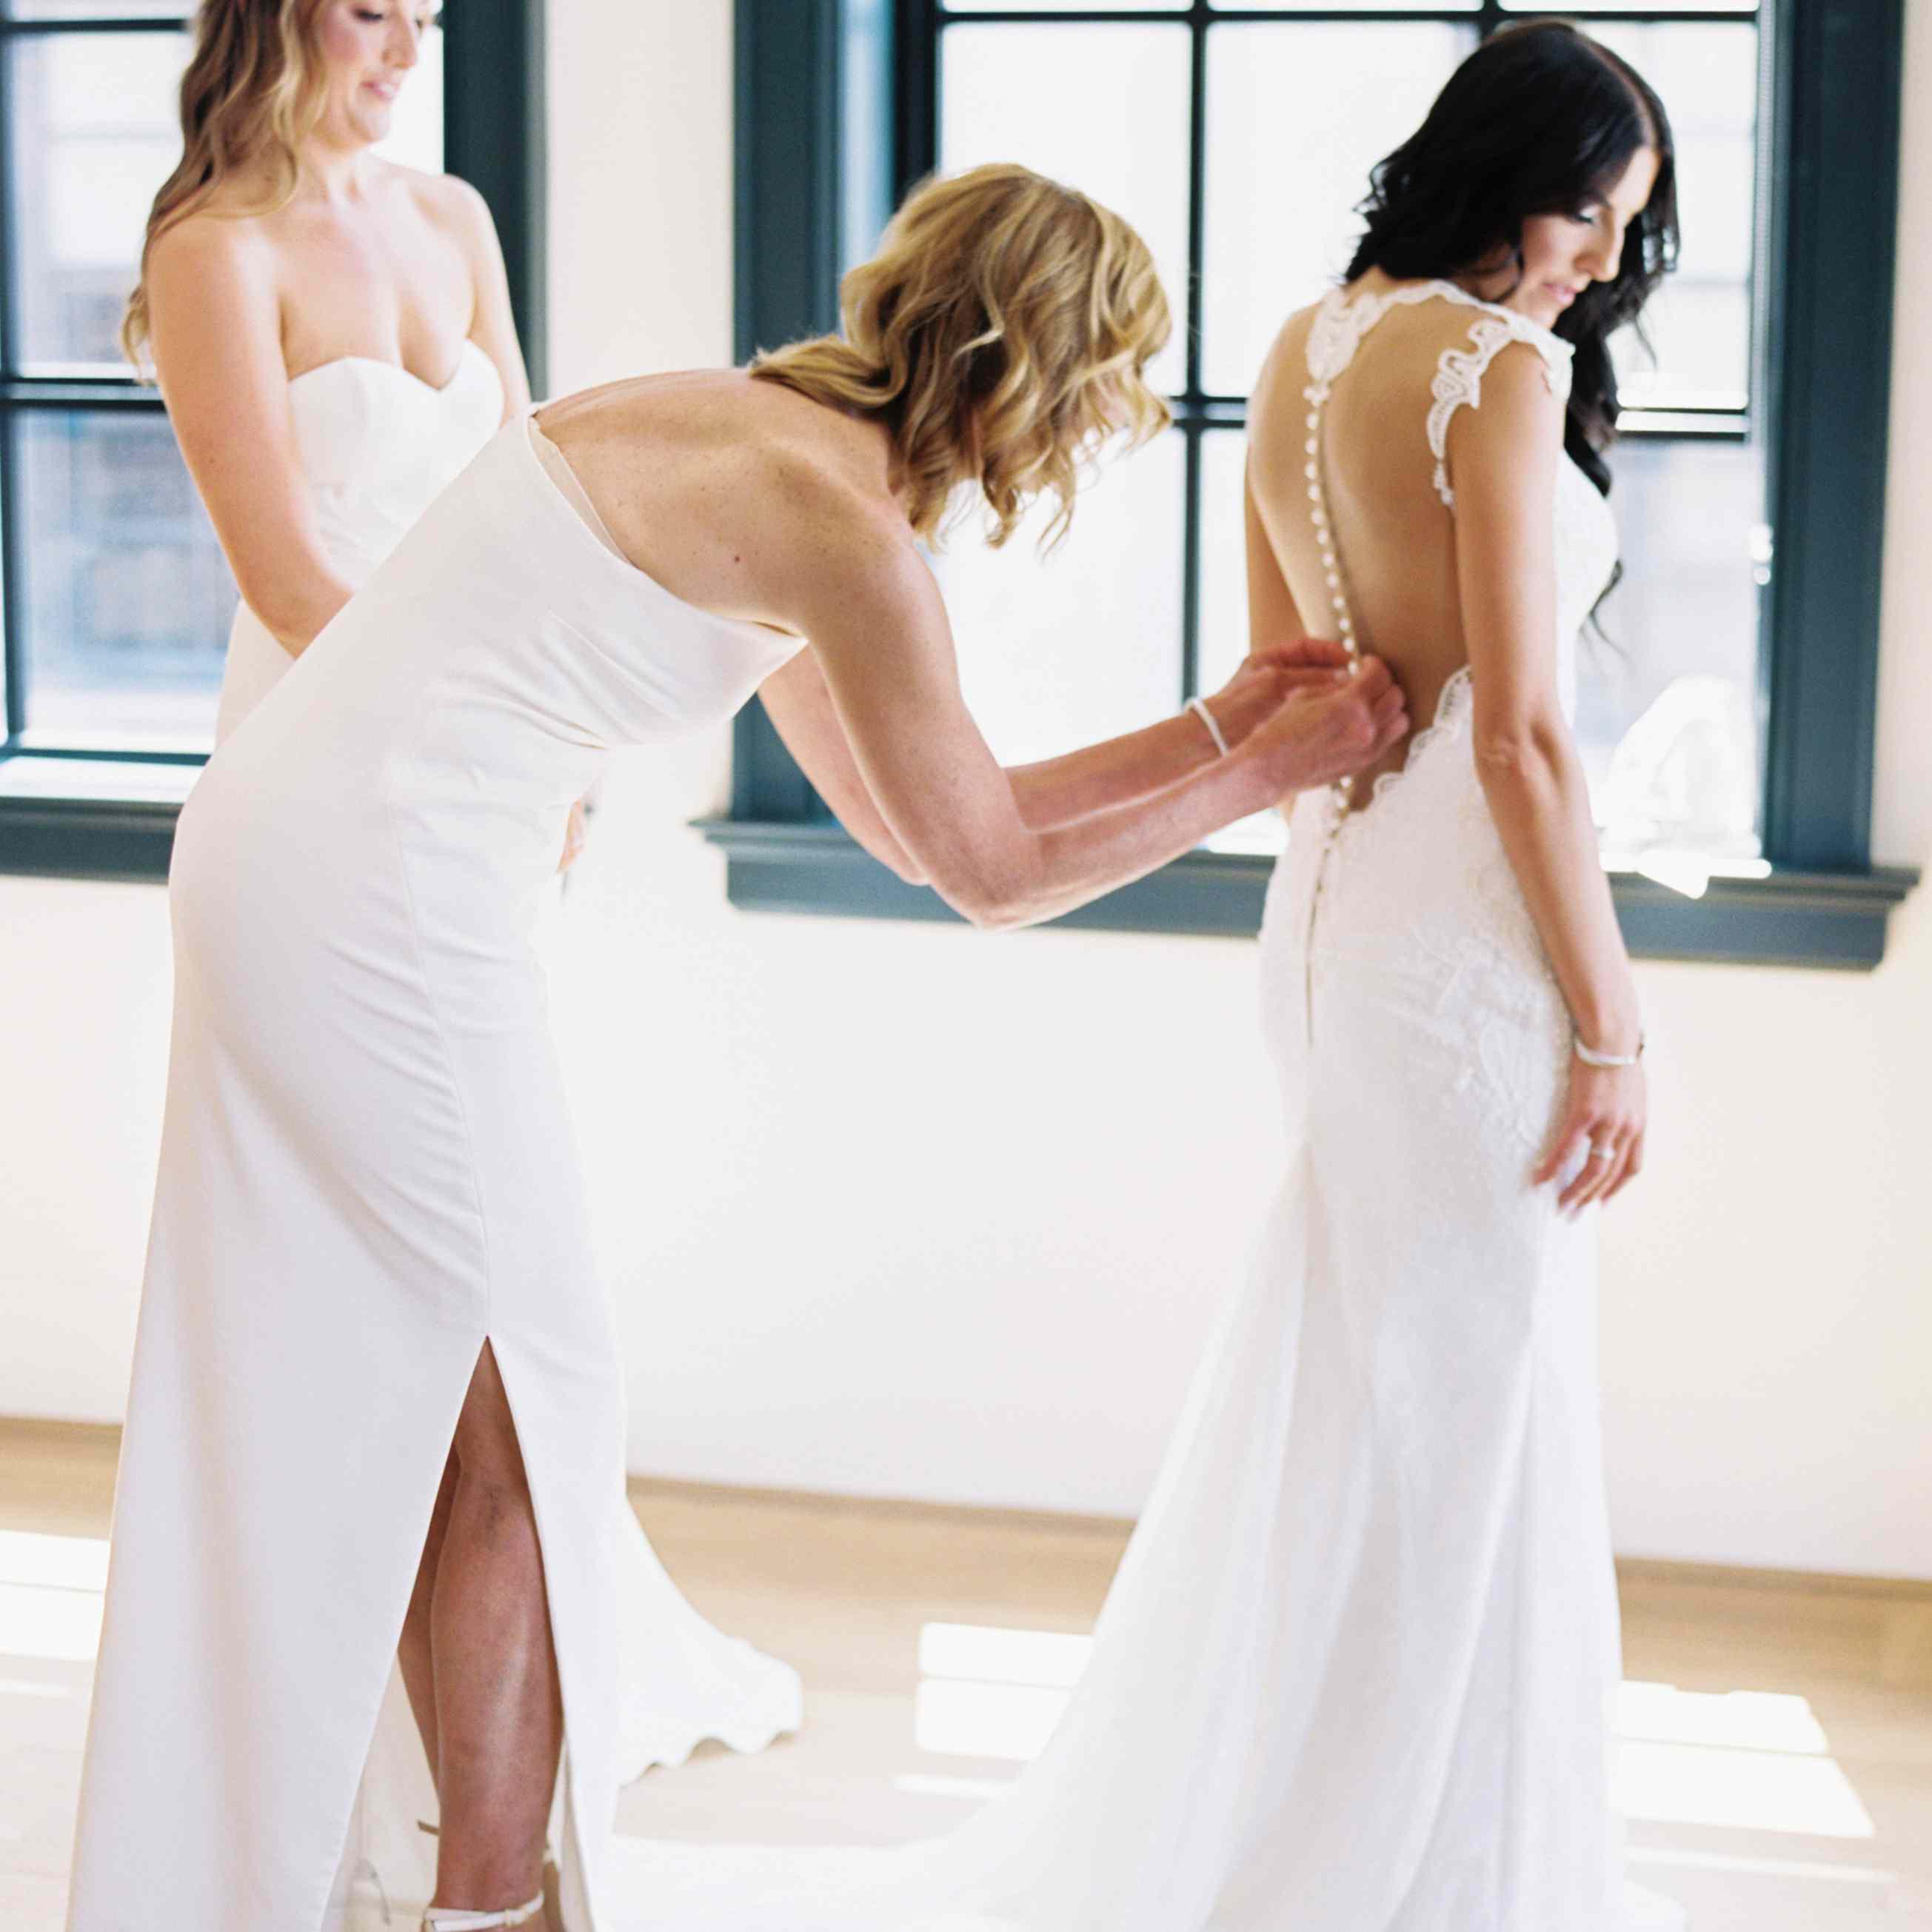 Sarah puts on her wedding dress